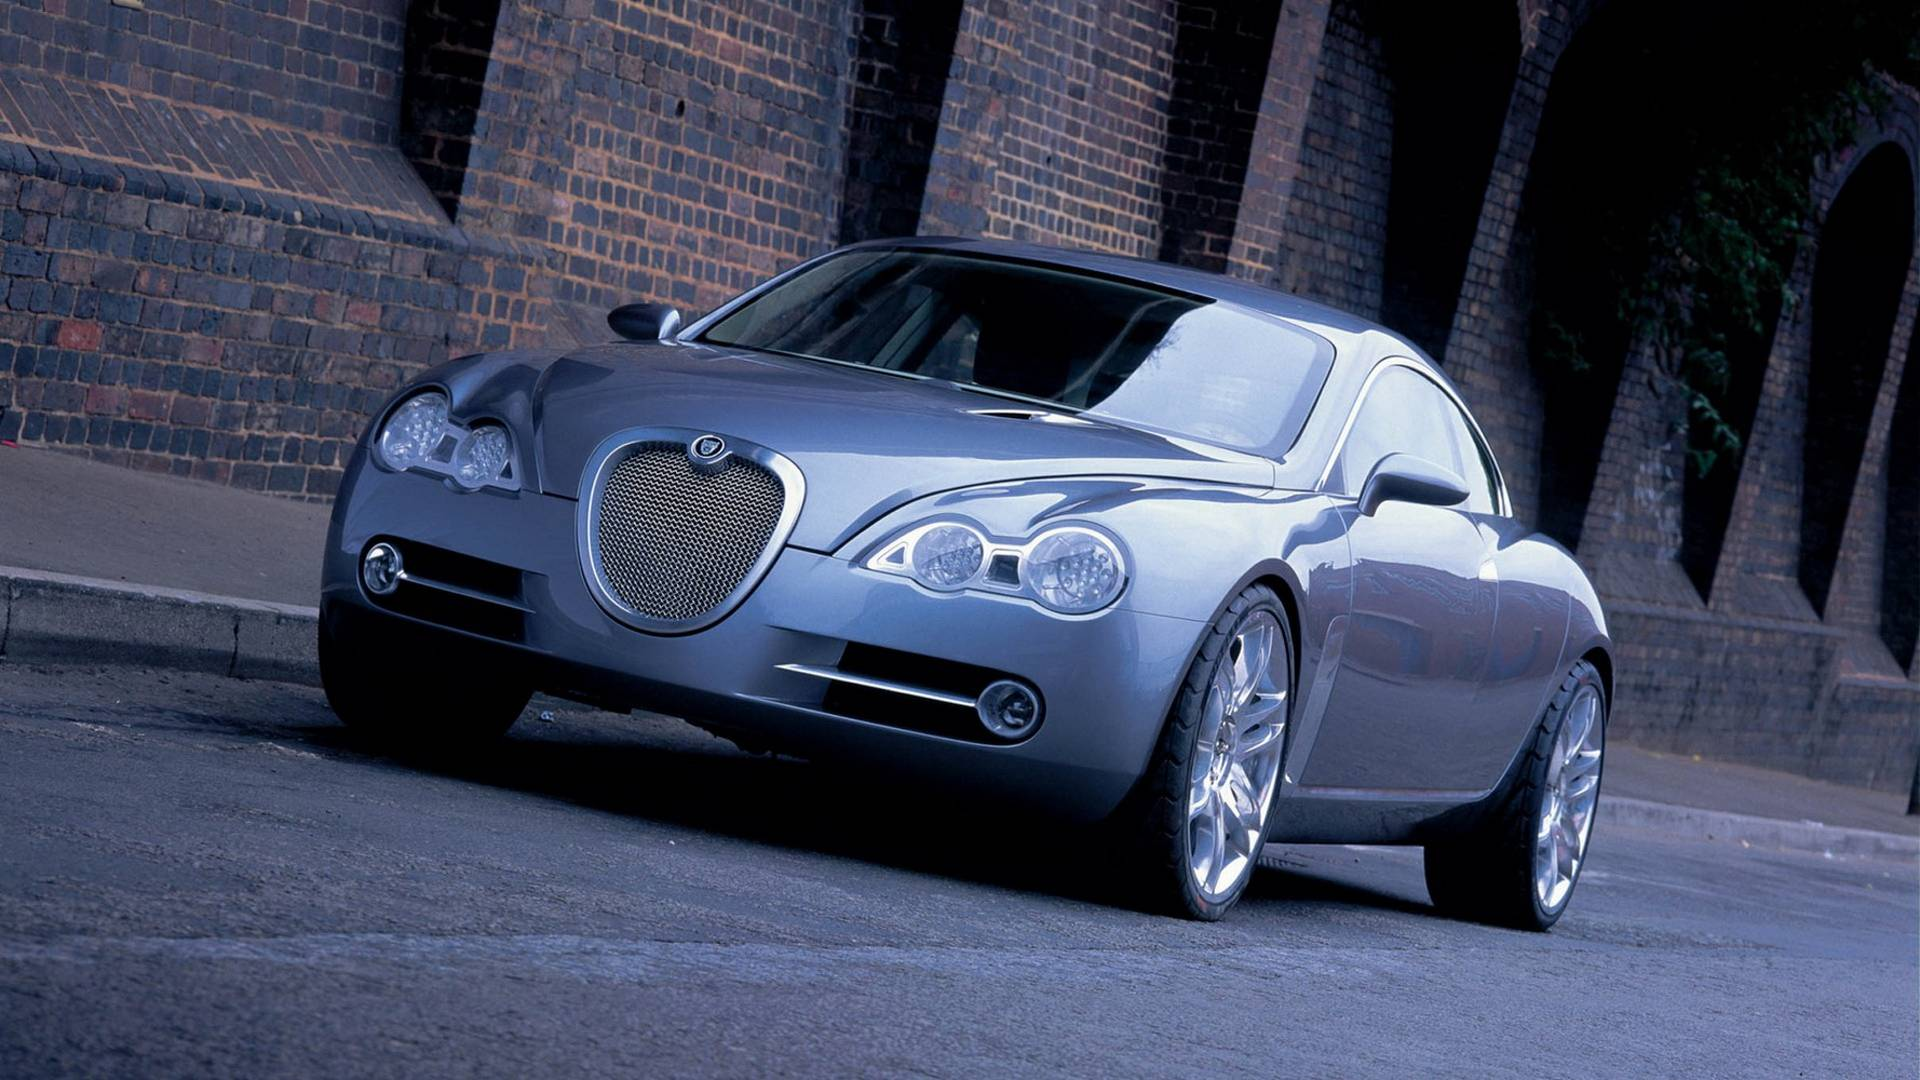 2003-jaguar-r-d6-concept3